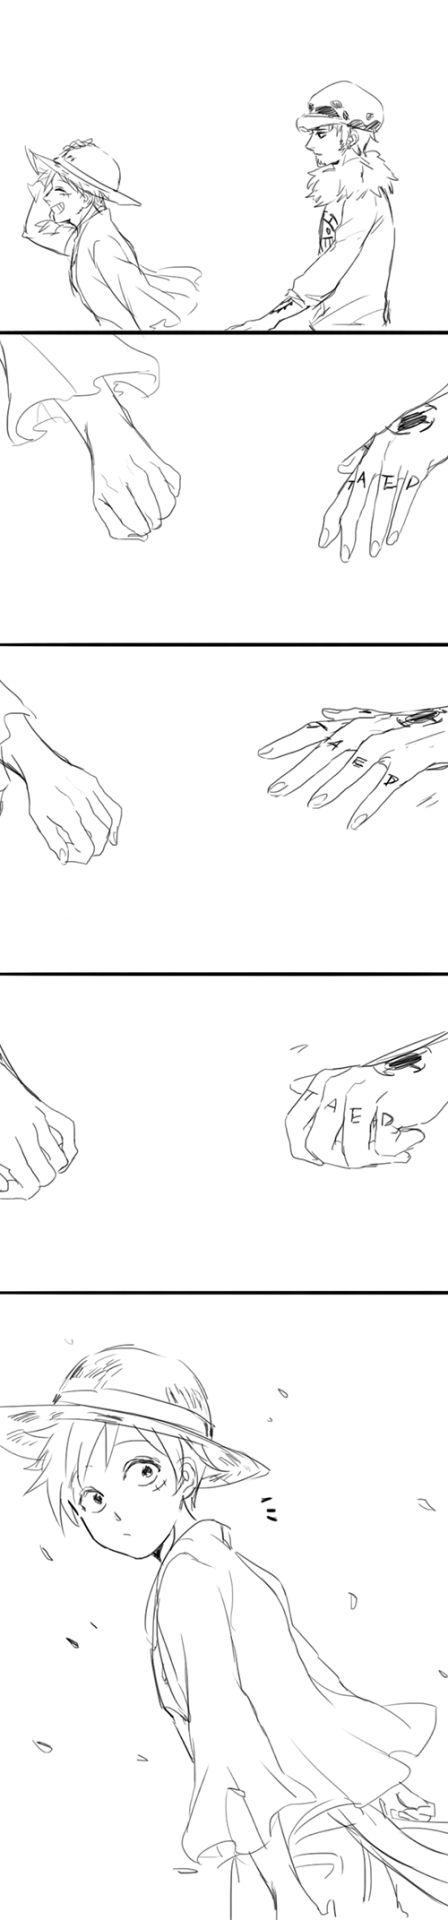 Luffy x Law LOVE : sichadeer:   My OTP is LawLu,they are soooooo cute...